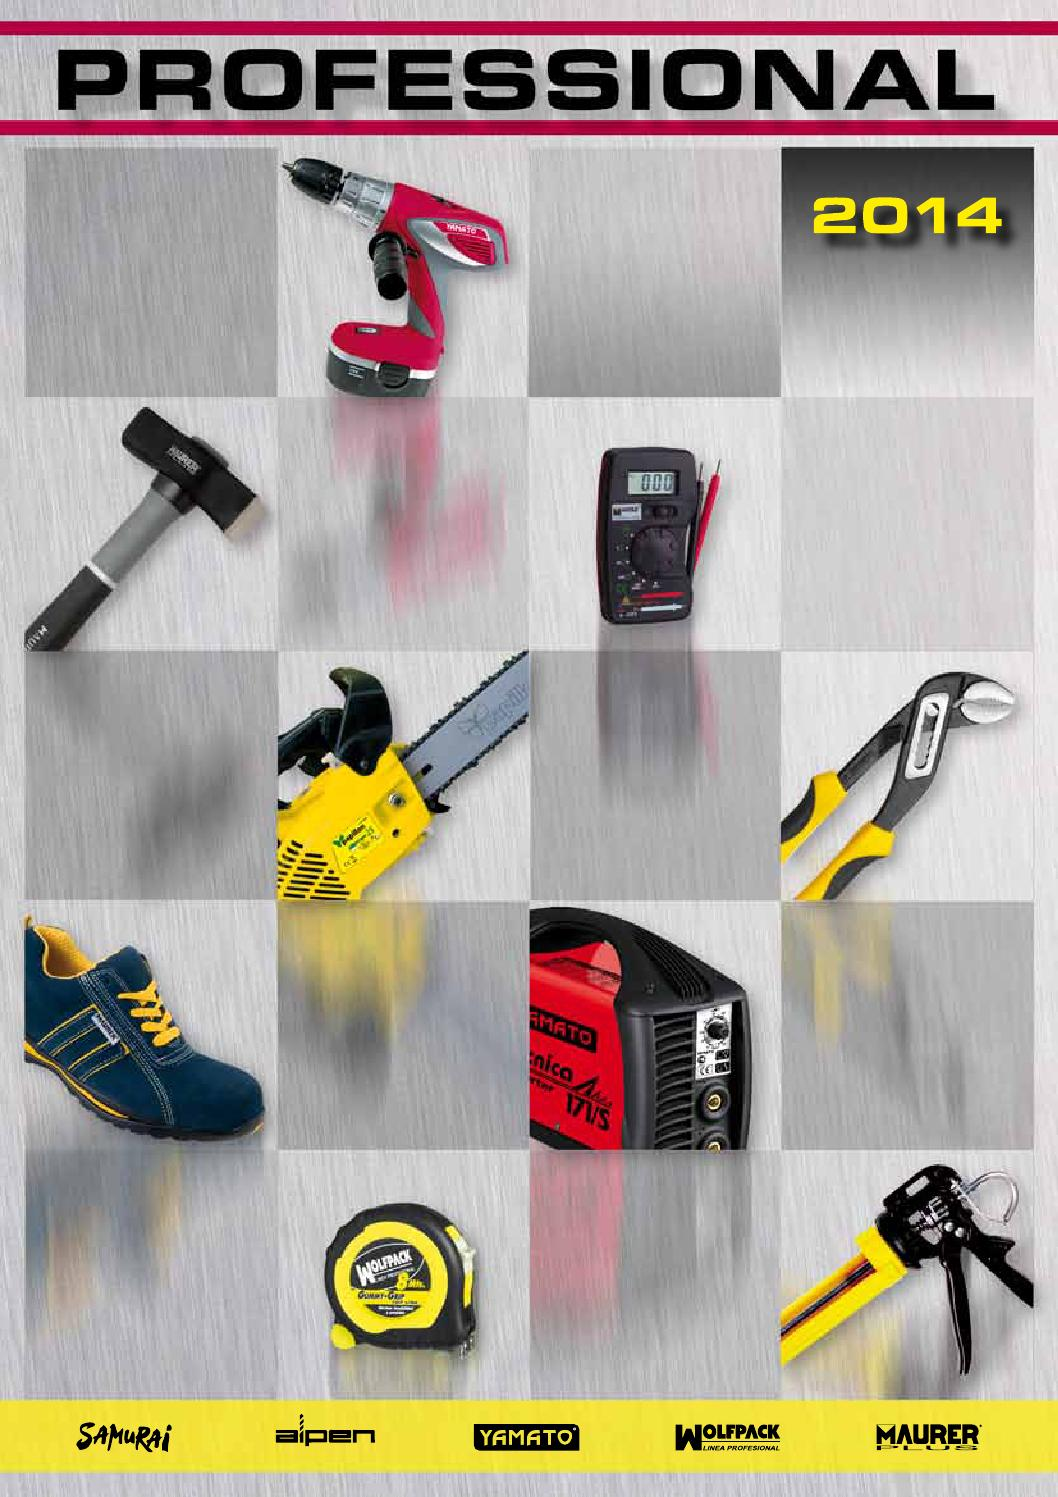 Wolfpack 11110029 Rueda 2-0237 Industrial